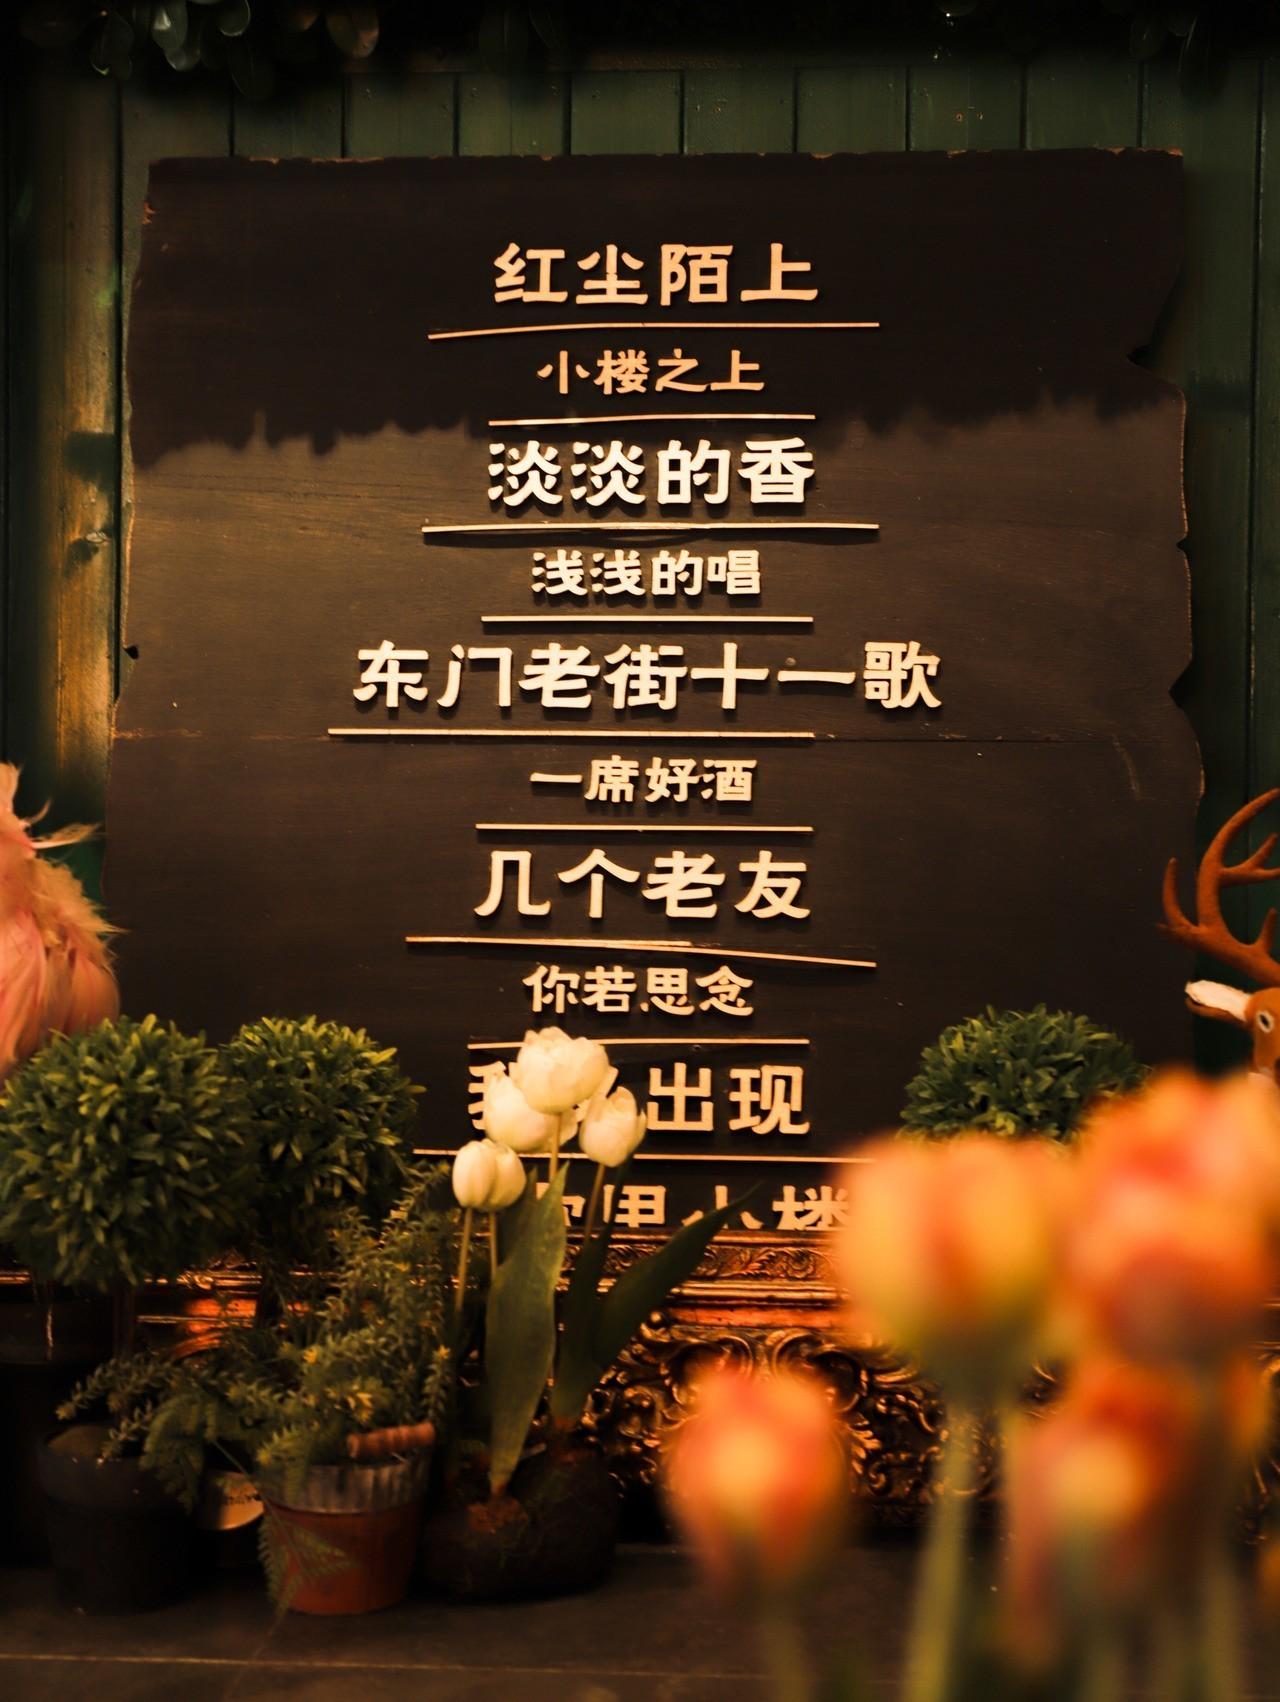 【罗湖鸿展中心城/老街·美食】浪漫音乐餐吧,极致享受美食!9.9元抢『十一歌里椰子套餐』:海南文昌鸡半只+高山娃娃菜1份+茶位费2份(不包含锅底);养足180天的海南文昌鸡,绝对良心,清爽滋补,浓浓的热带风情!